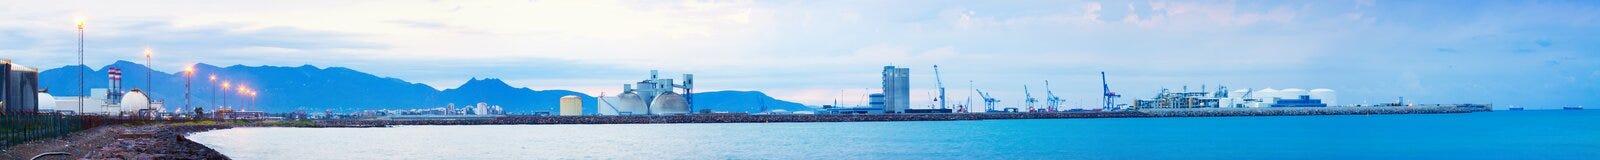 Panarama de Puerto de Castellon - puerto industrial Imagenes de archivo